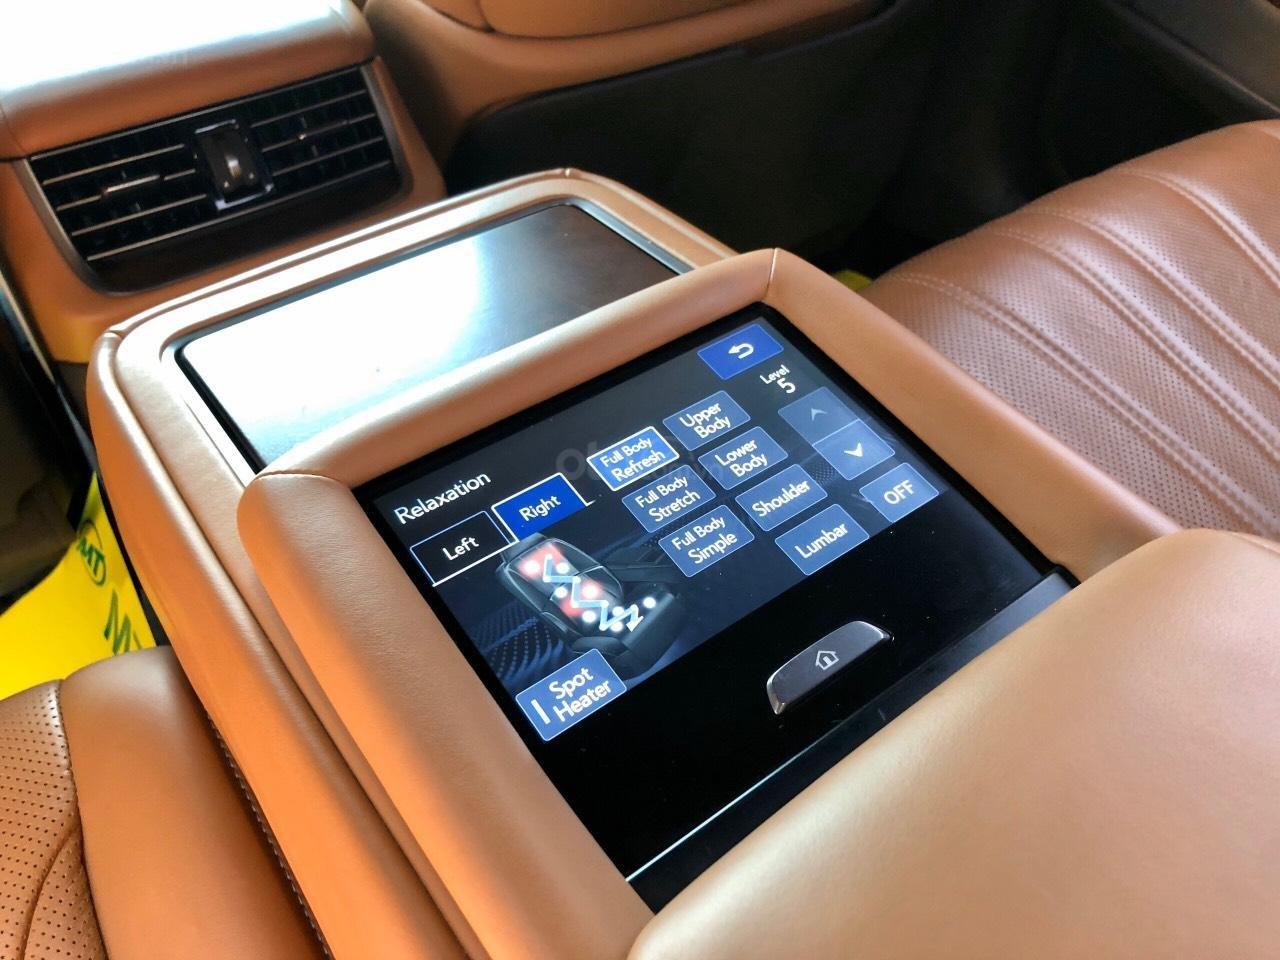 Bán xe Lexus LS 500H 2017, màu xanh lam, giá tốt giao ngay toàn quốc, LH Ngọc Vy 093.996.2368 (19)